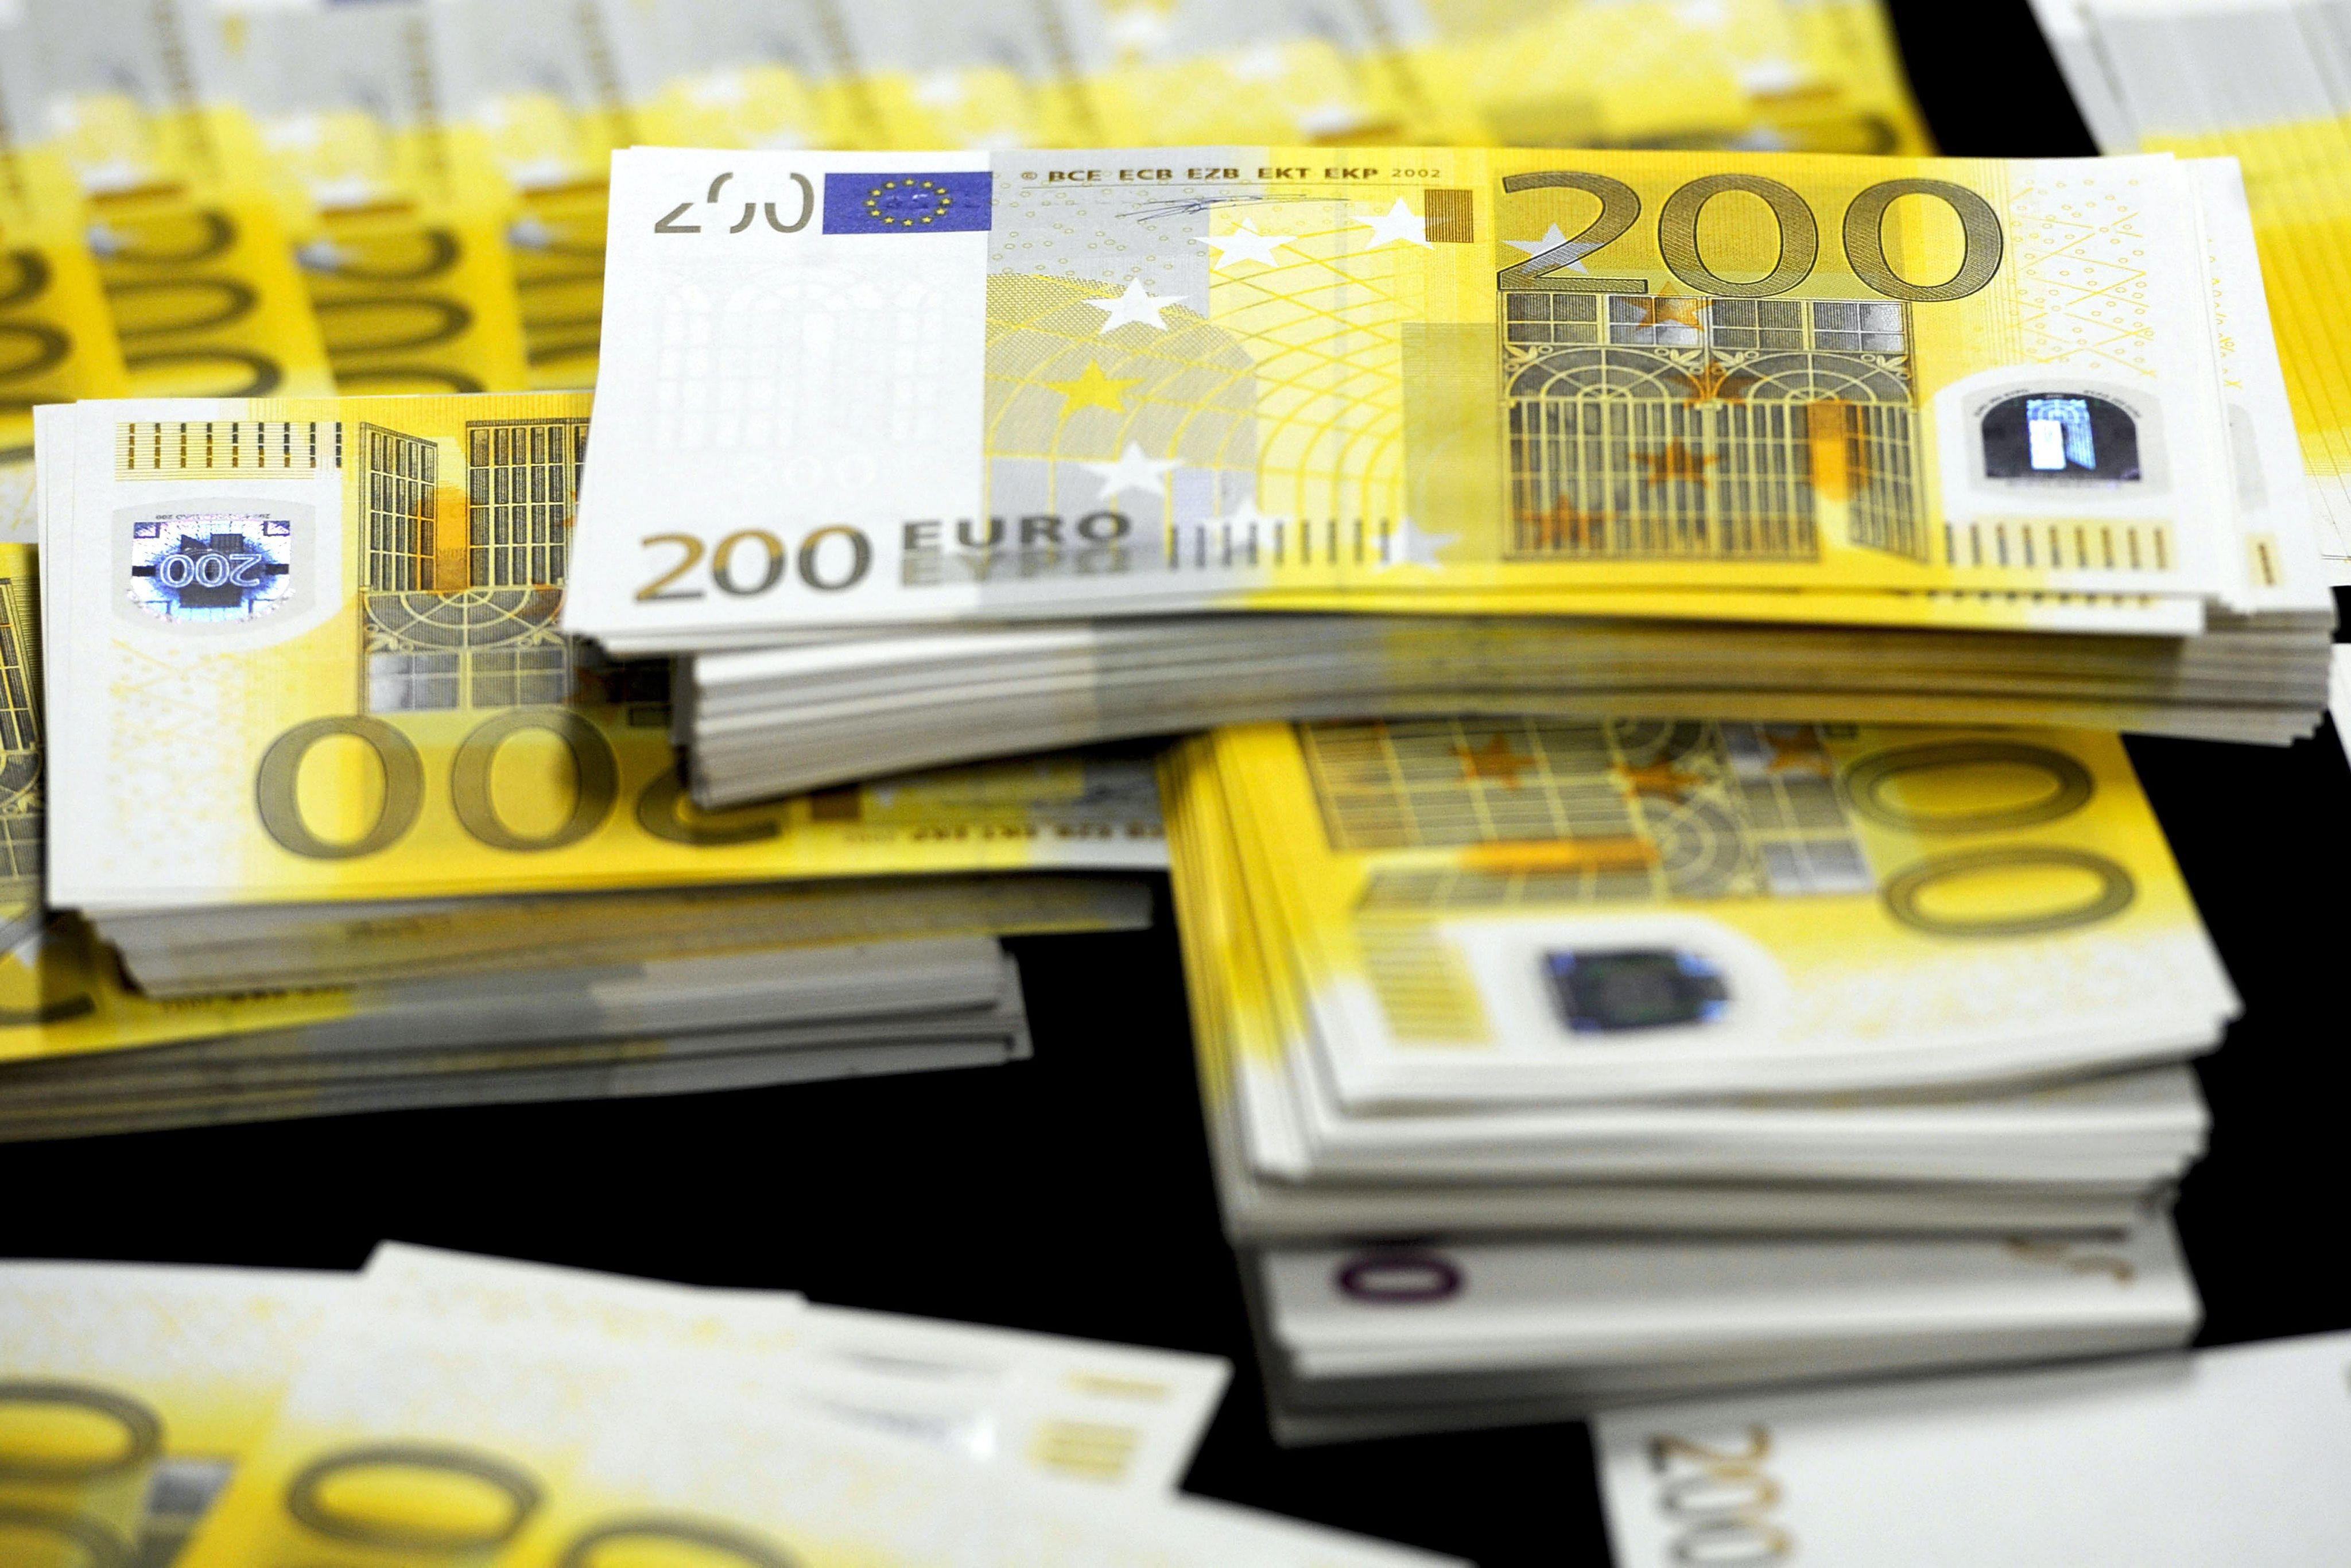 La cifra de billetes falsos sube un 26,3 por ciento en el primer semestre de 2013